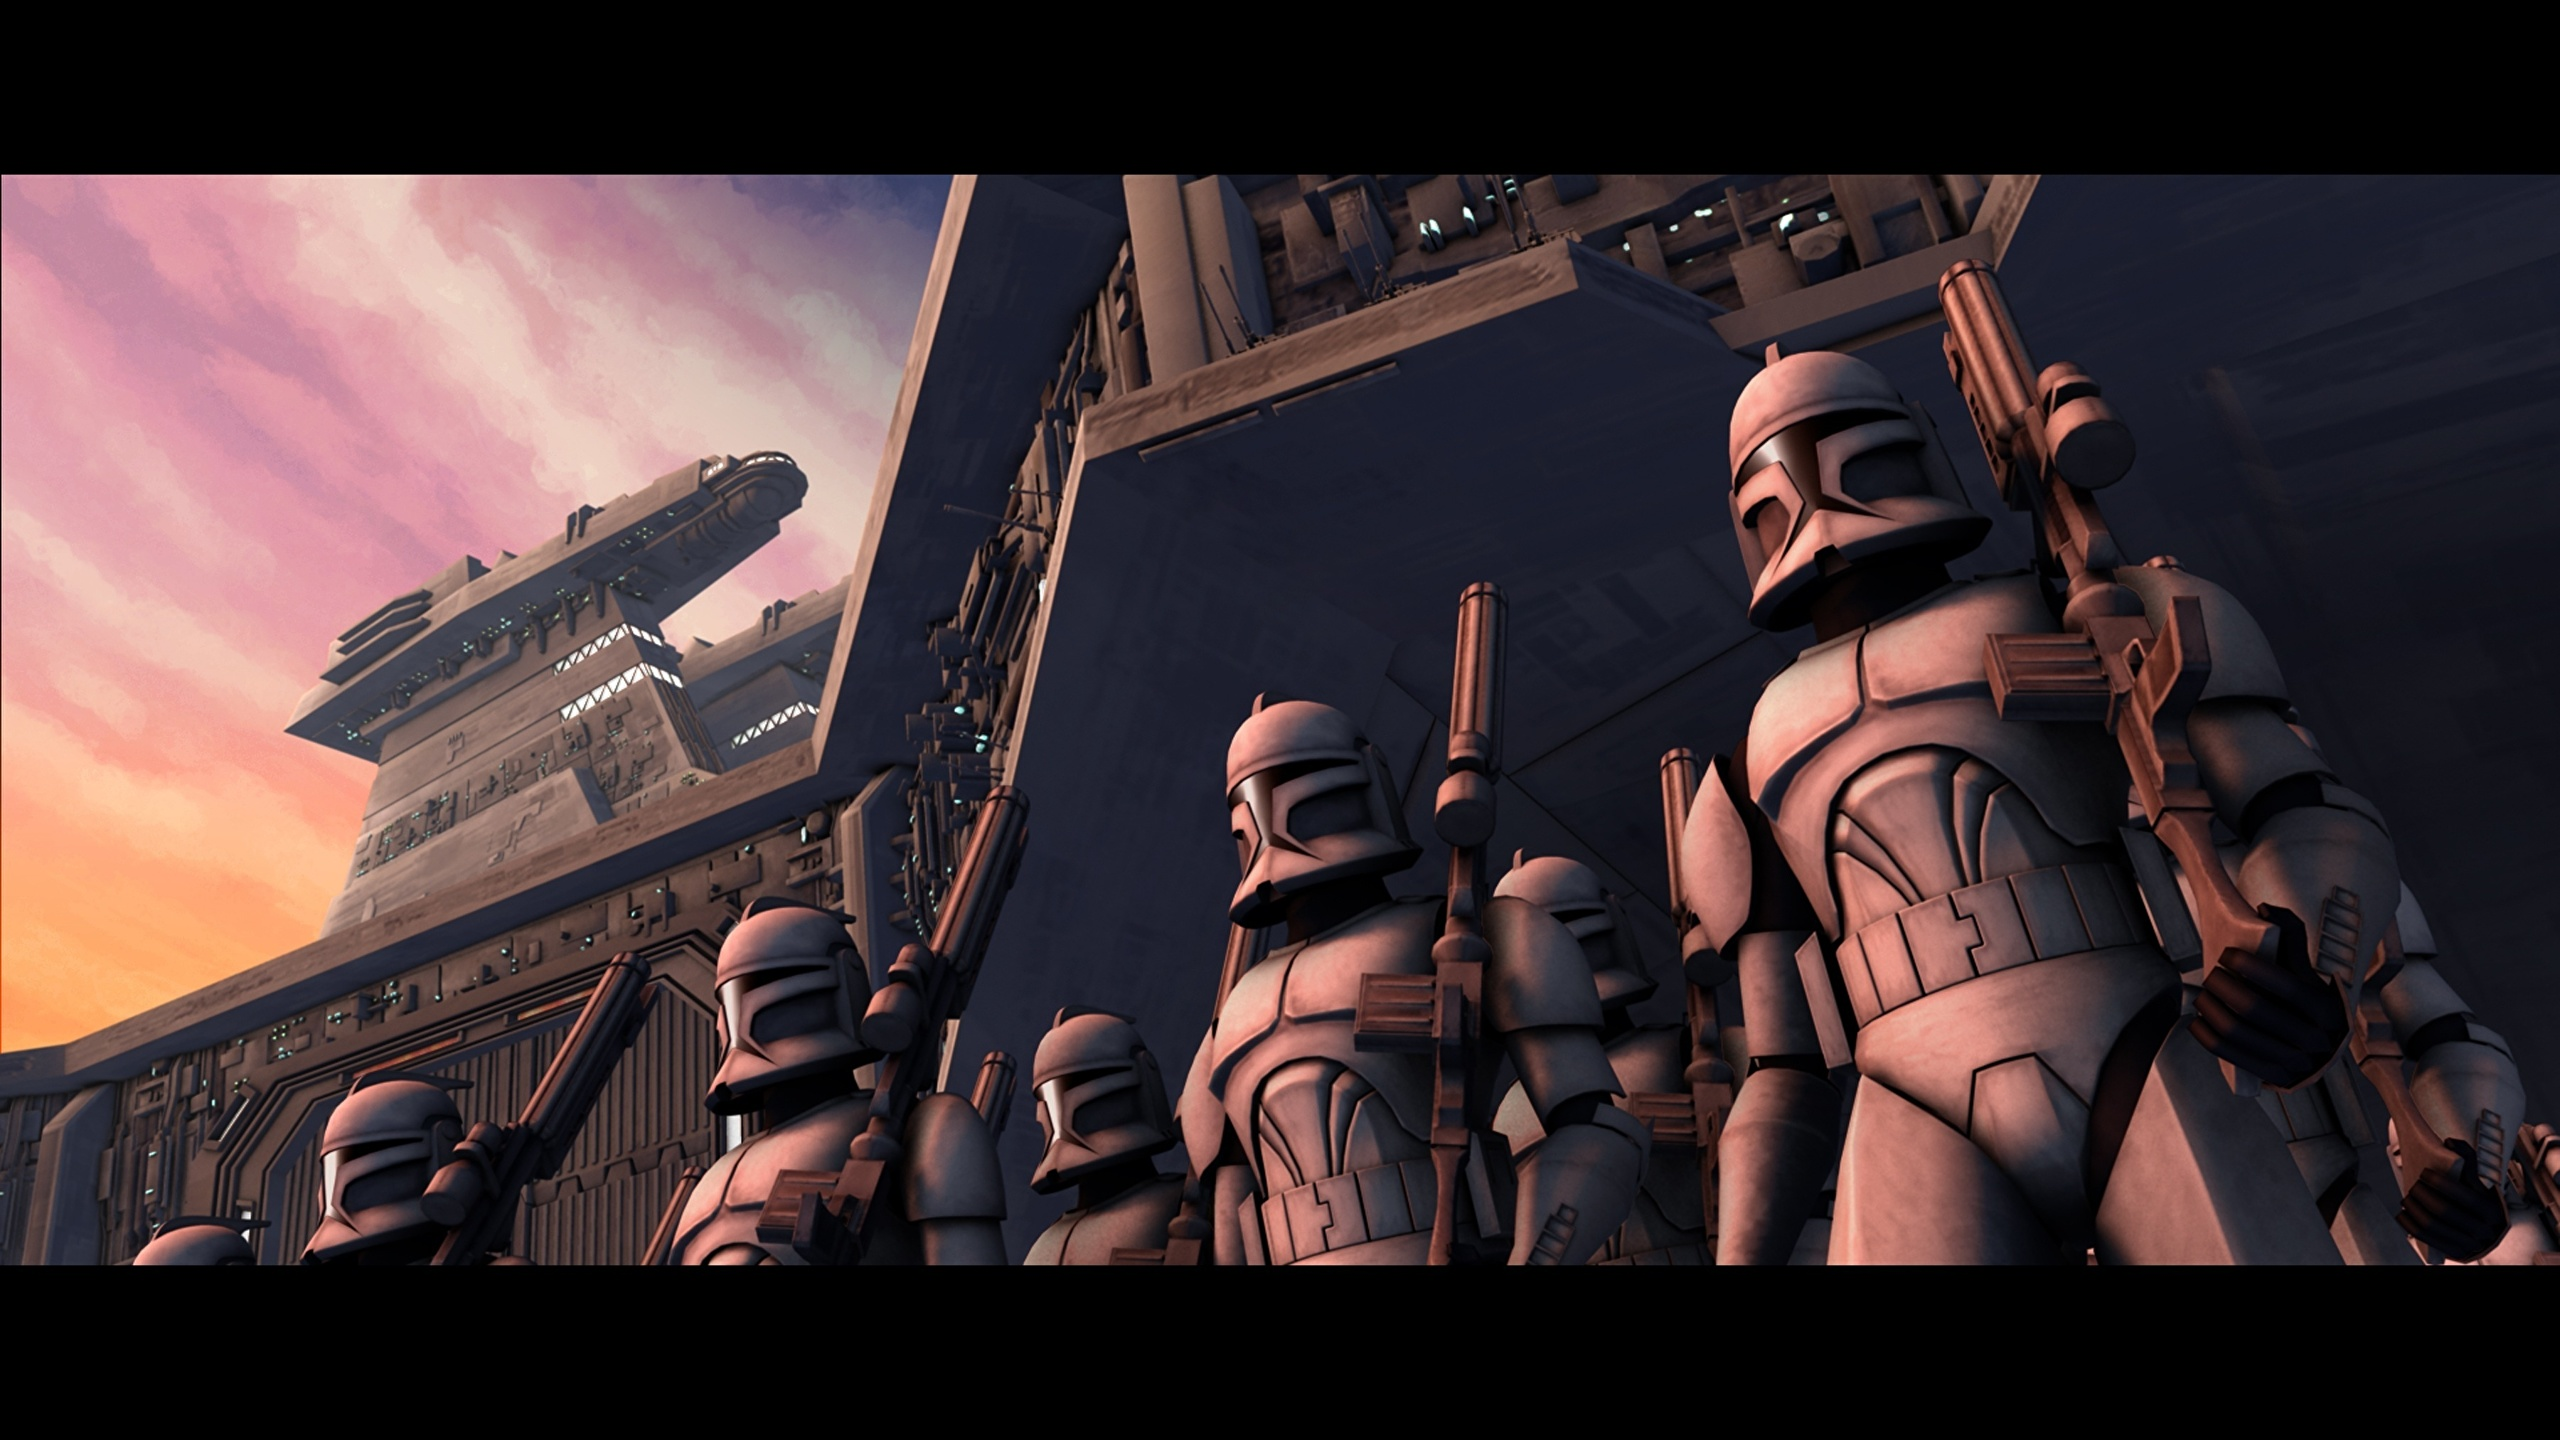 Photos Star Wars Movies Star Wars Episode Ii Clone 2560x1440